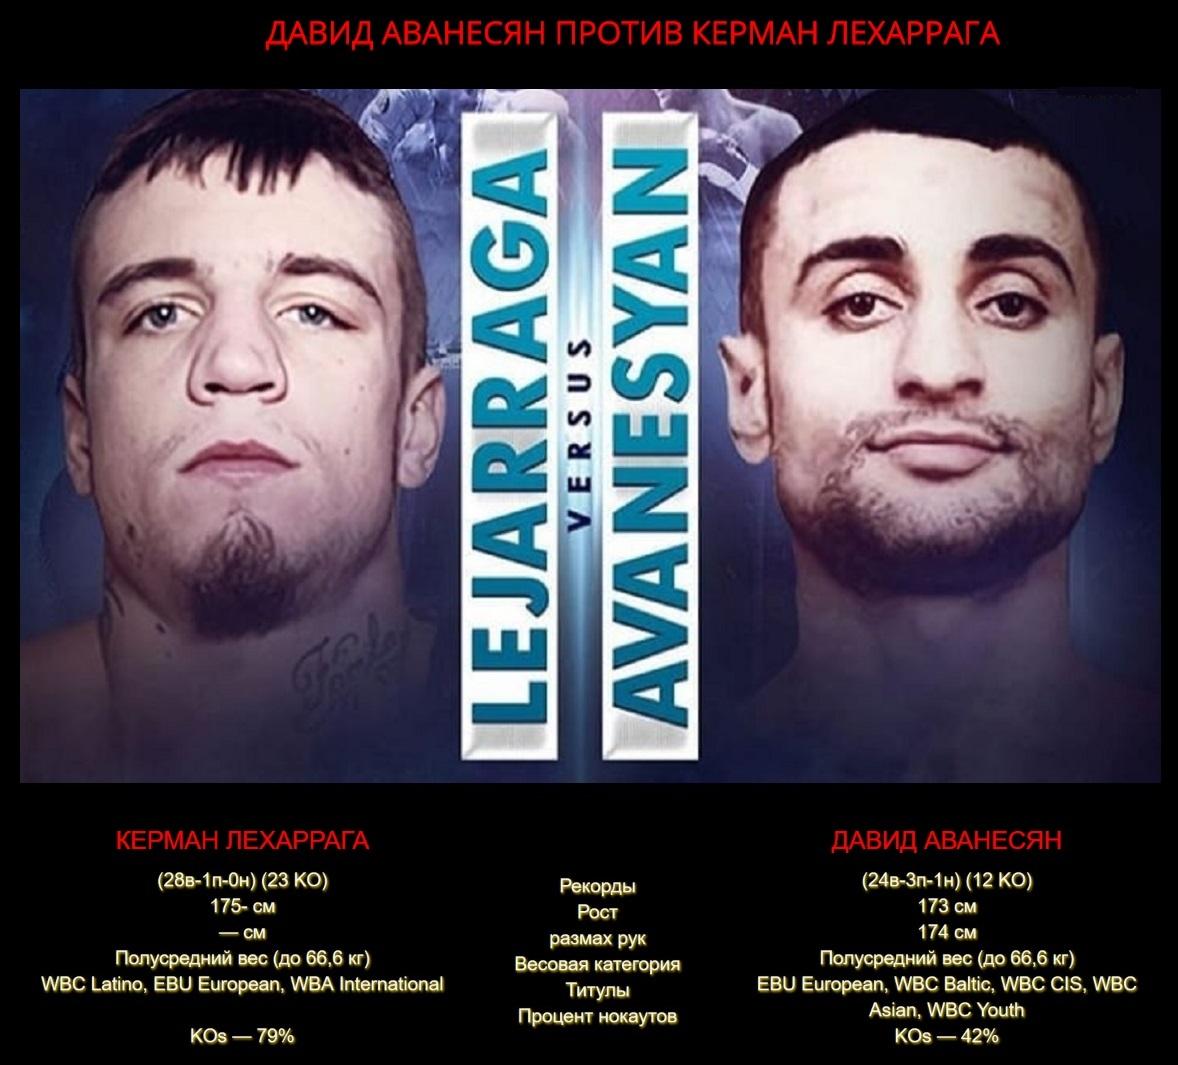 Афиша: Бой Давид Аванесян - Керман Лехаррага 2 - реванш / David Avanesyan vs Kerman Lejarraga